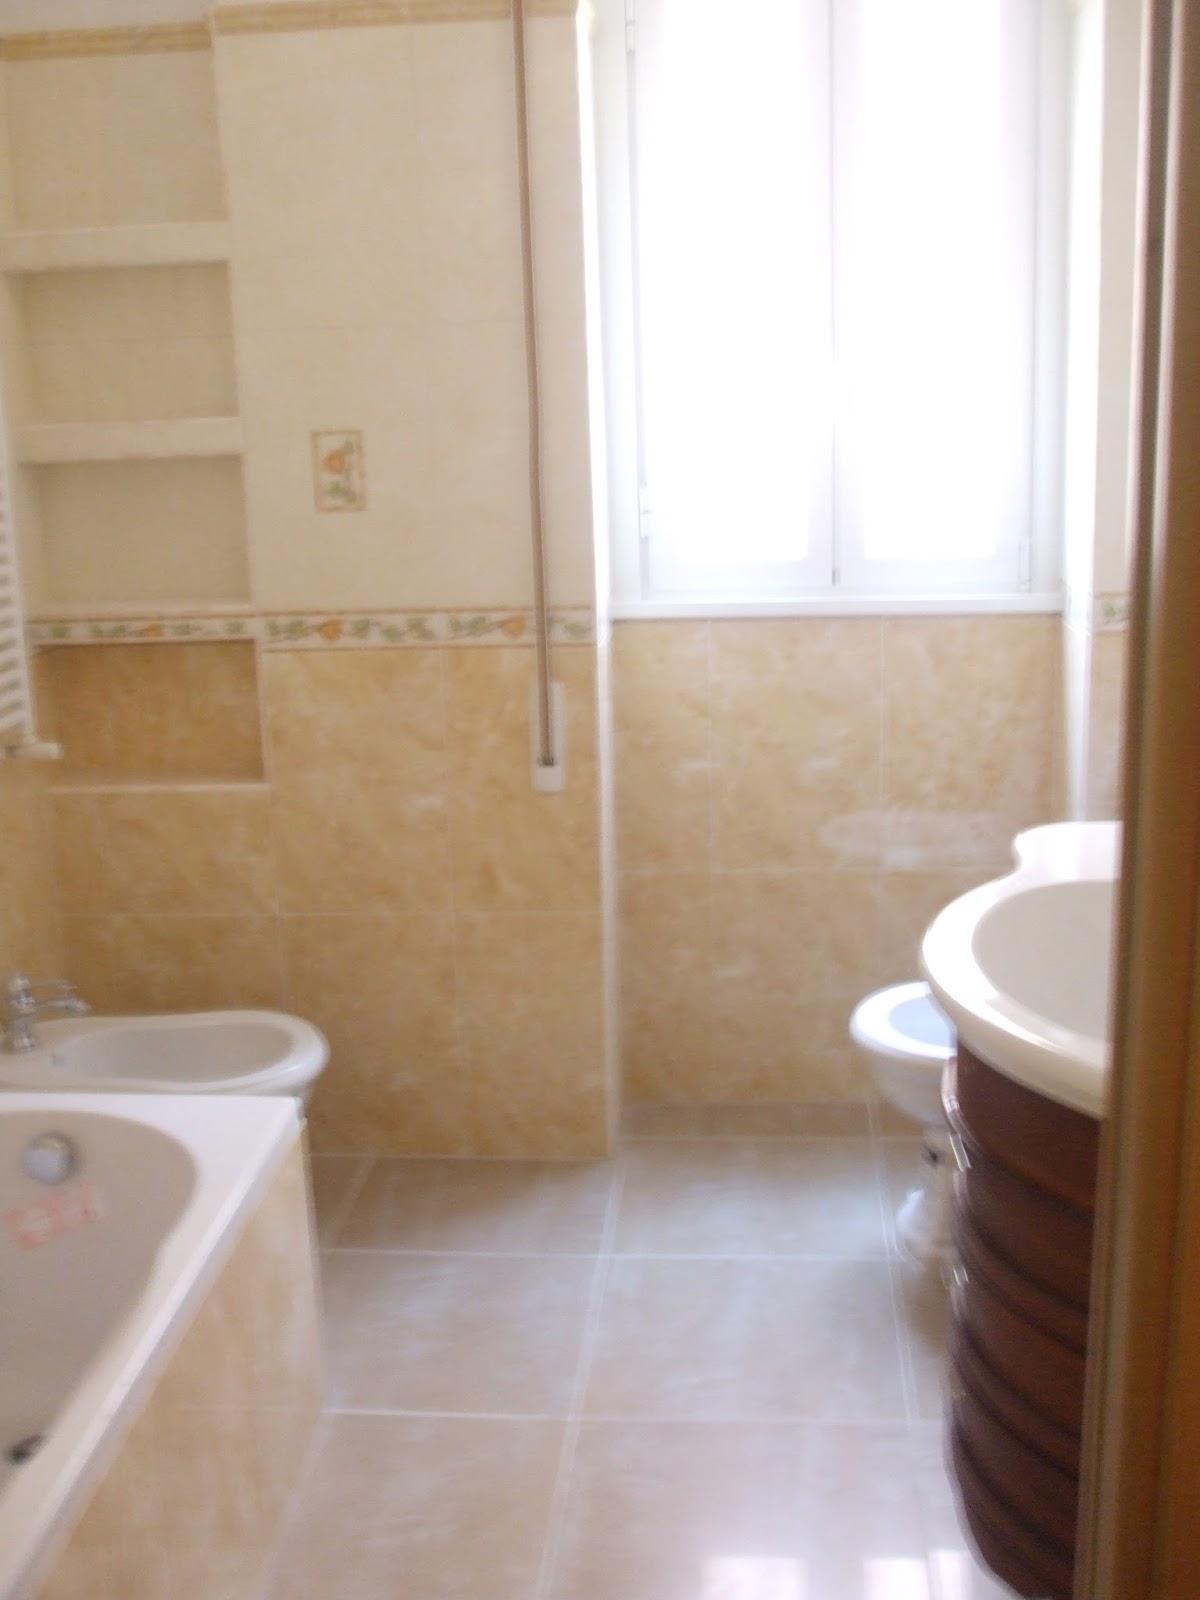 Edilizia roma ristrutturazioni edilizia ro ma s n c - Foto di bagni con doccia ...